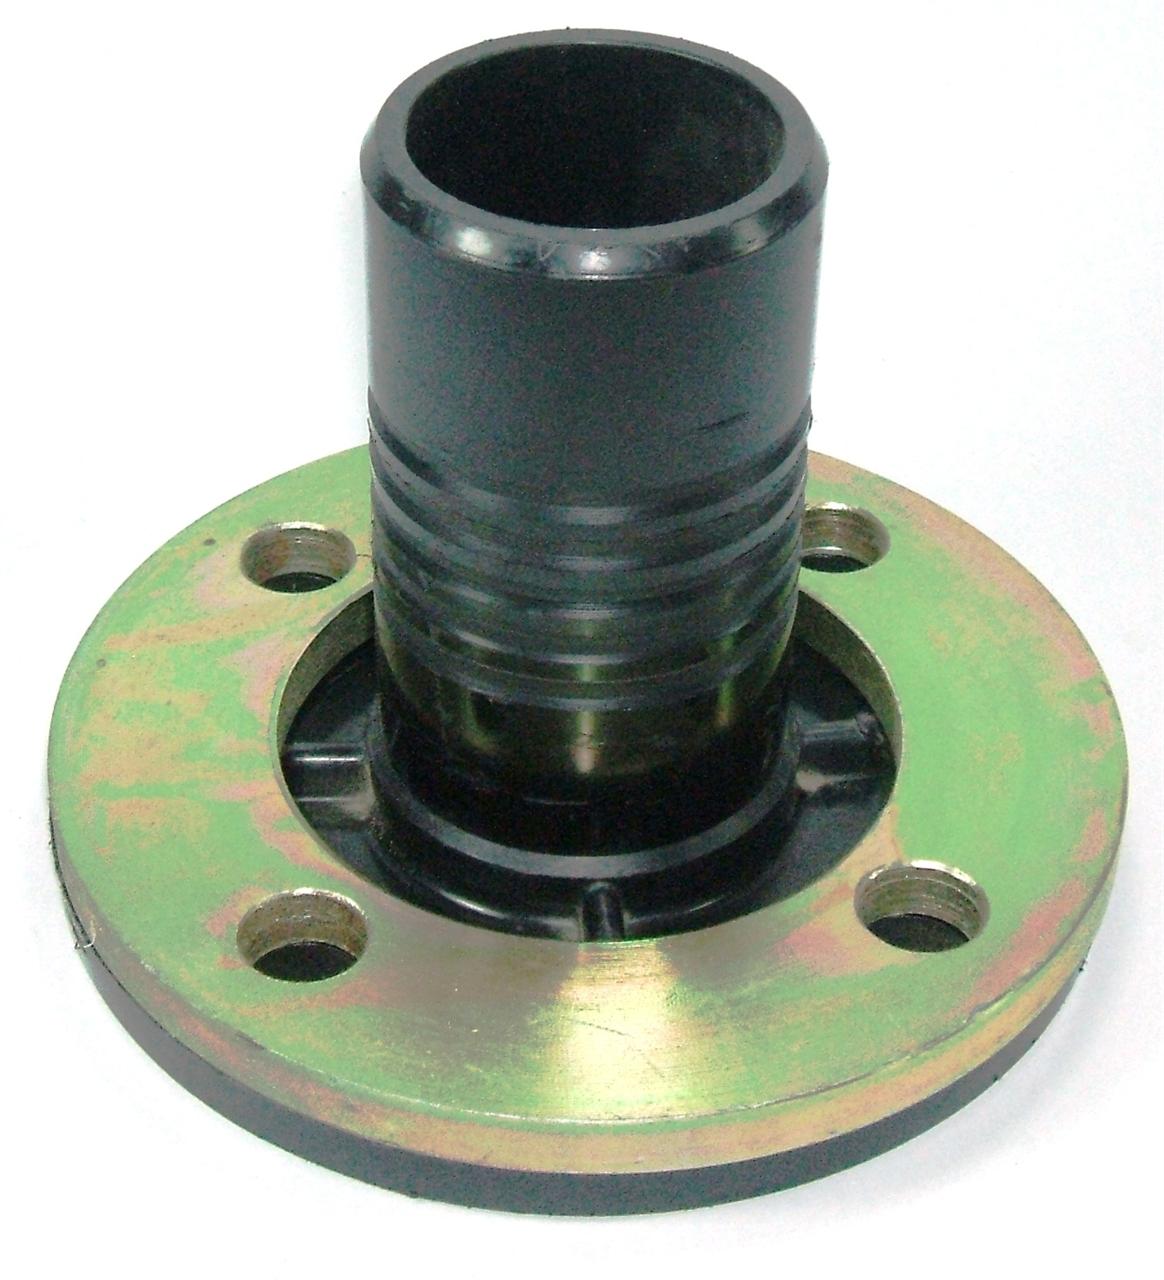 Mm quot plasson spigot flange adaptor np with metal